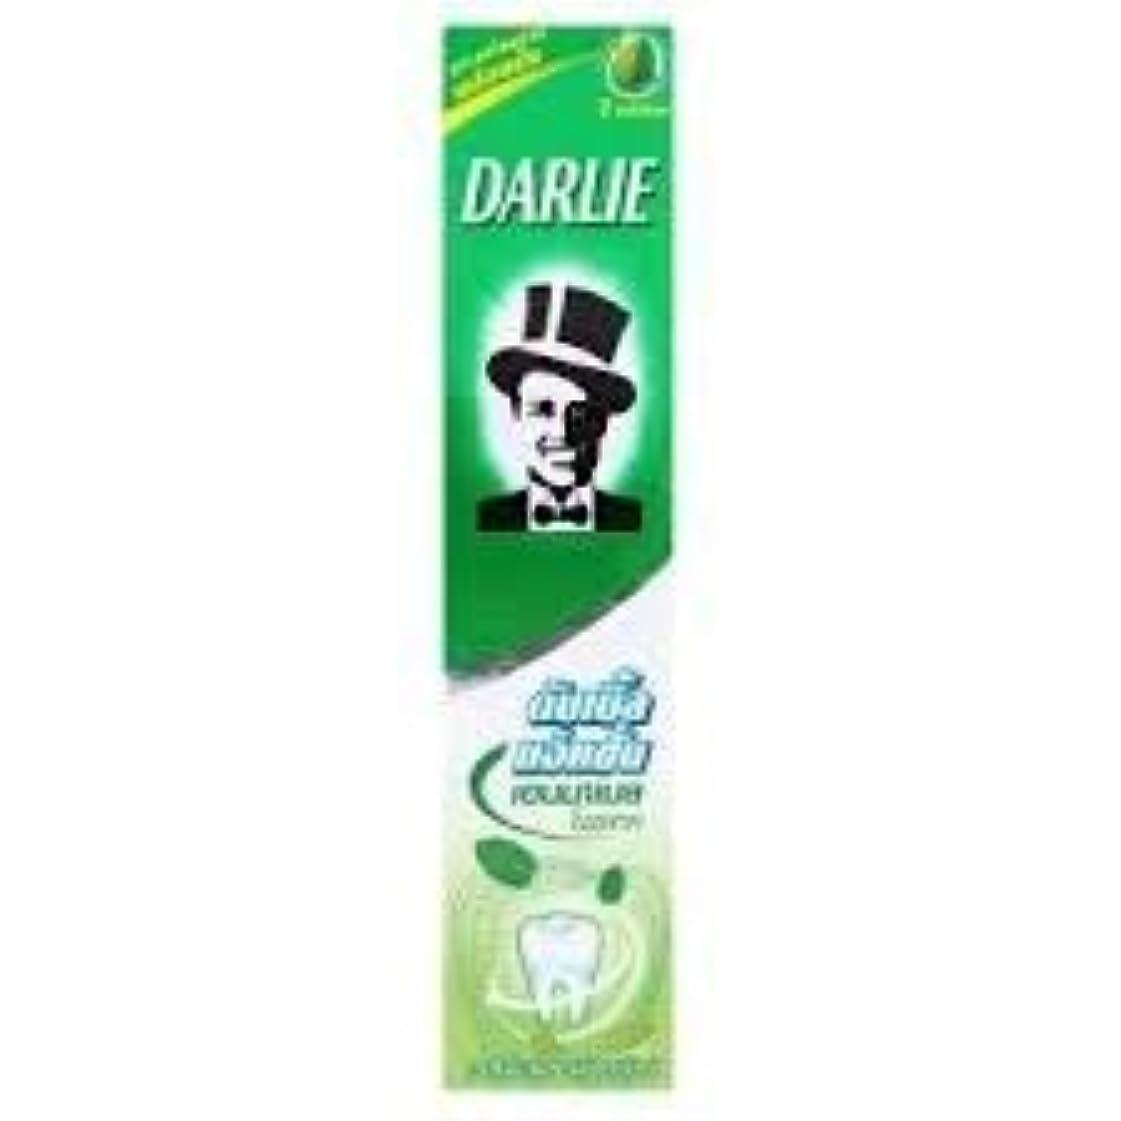 崖材料近傍DARLIE 歯磨き粉エナメルは強力なミントを保護します200g - 私達の元の強いミントの味とあなたの呼吸のミントを新しく保ちます